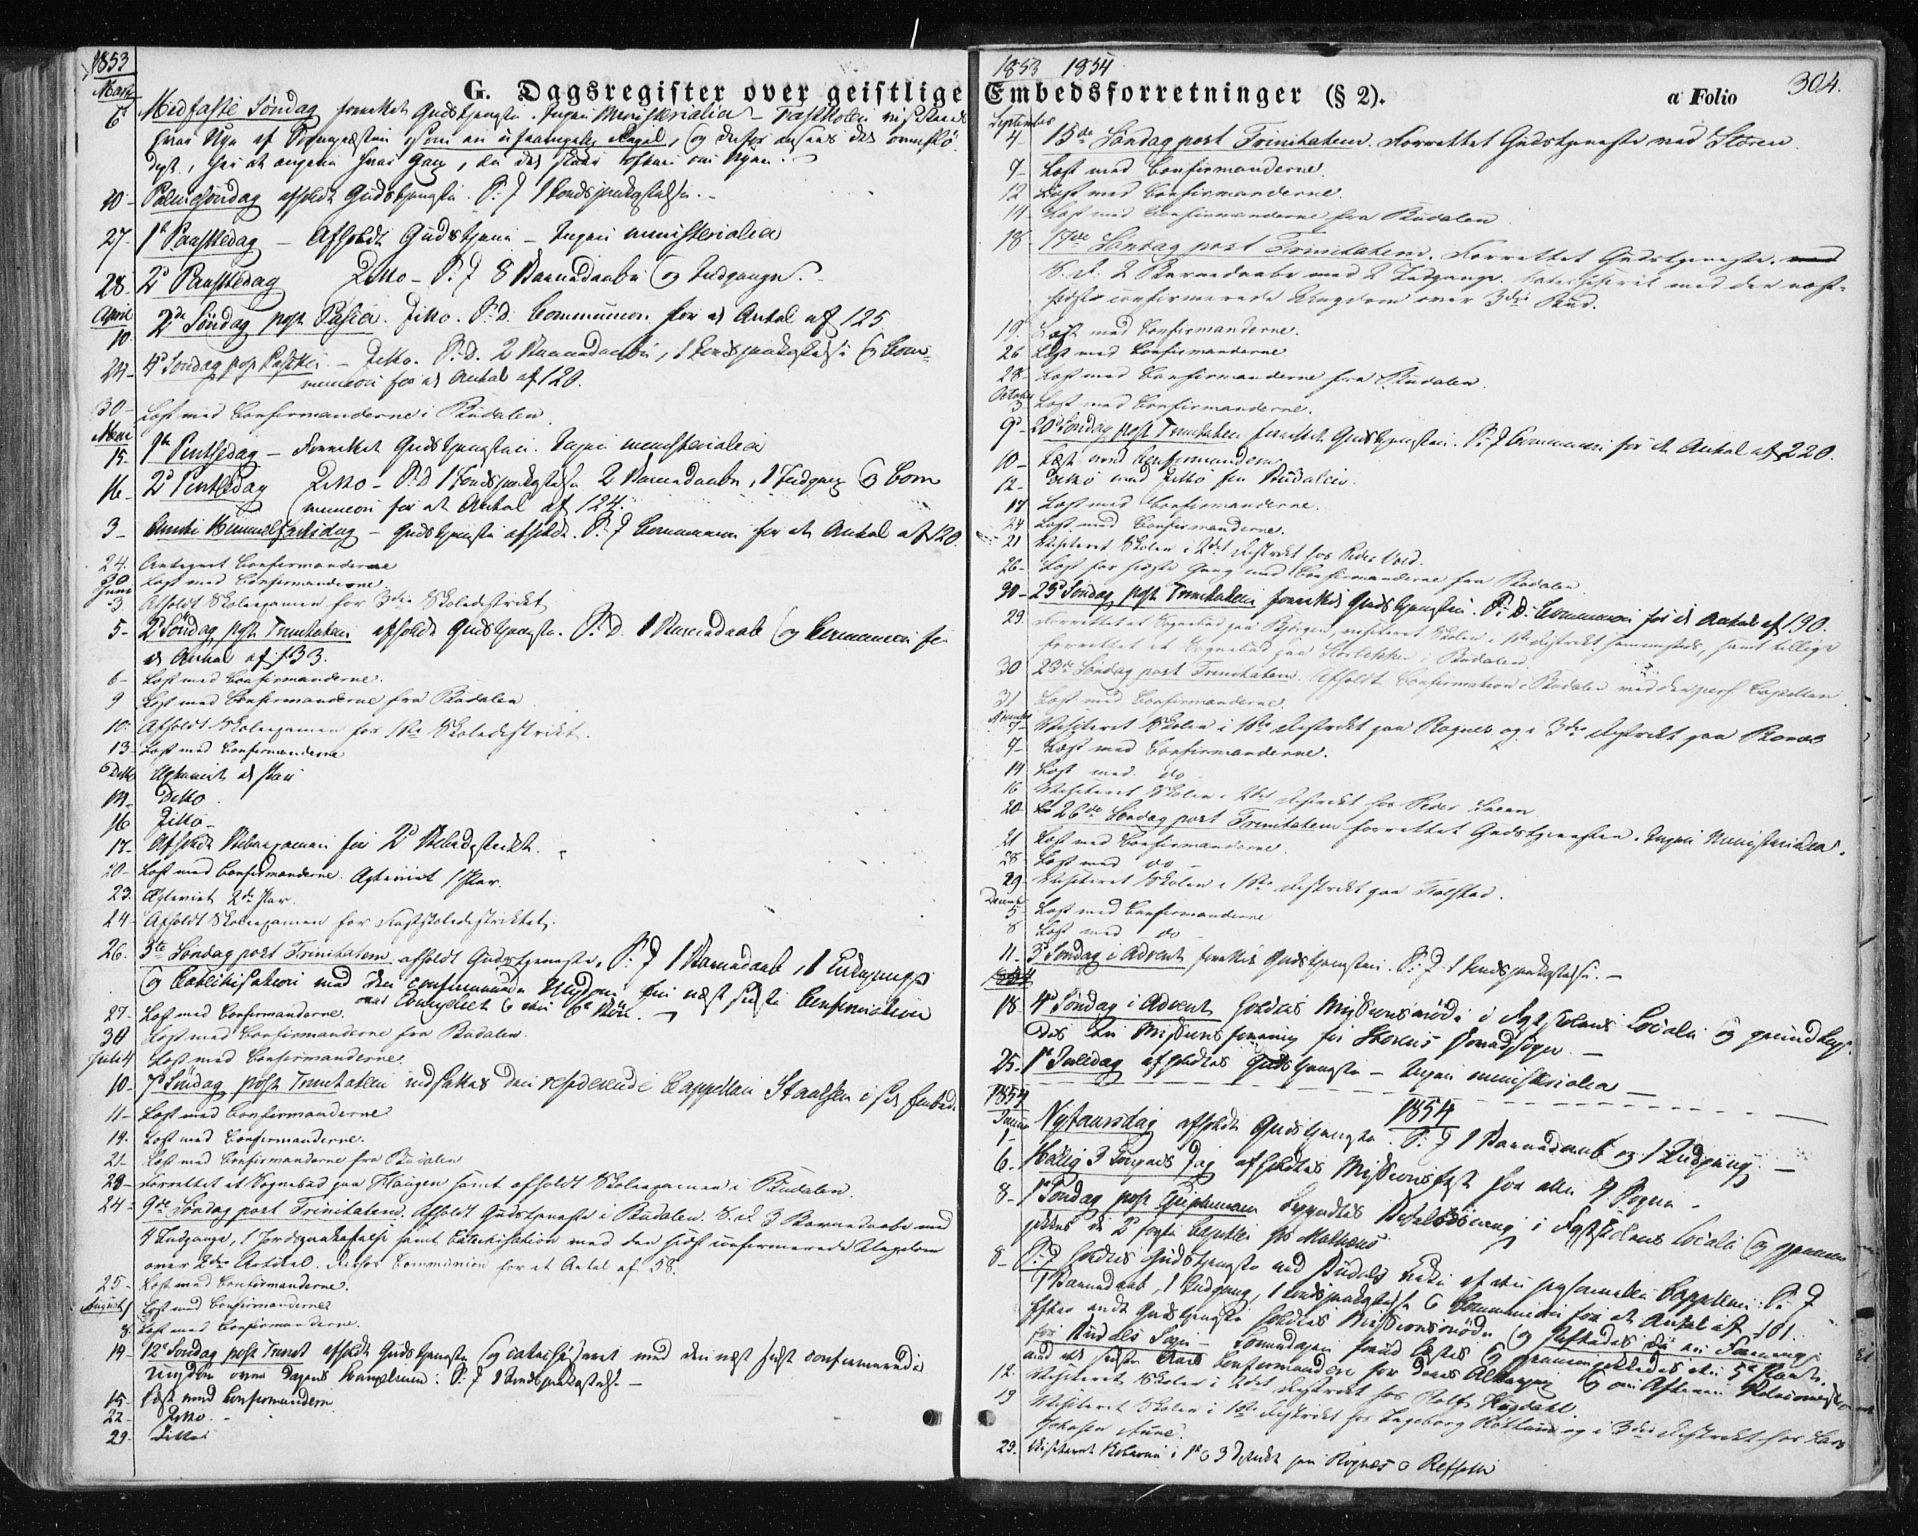 SAT, Ministerialprotokoller, klokkerbøker og fødselsregistre - Sør-Trøndelag, 687/L1000: Ministerialbok nr. 687A06, 1848-1869, s. 304